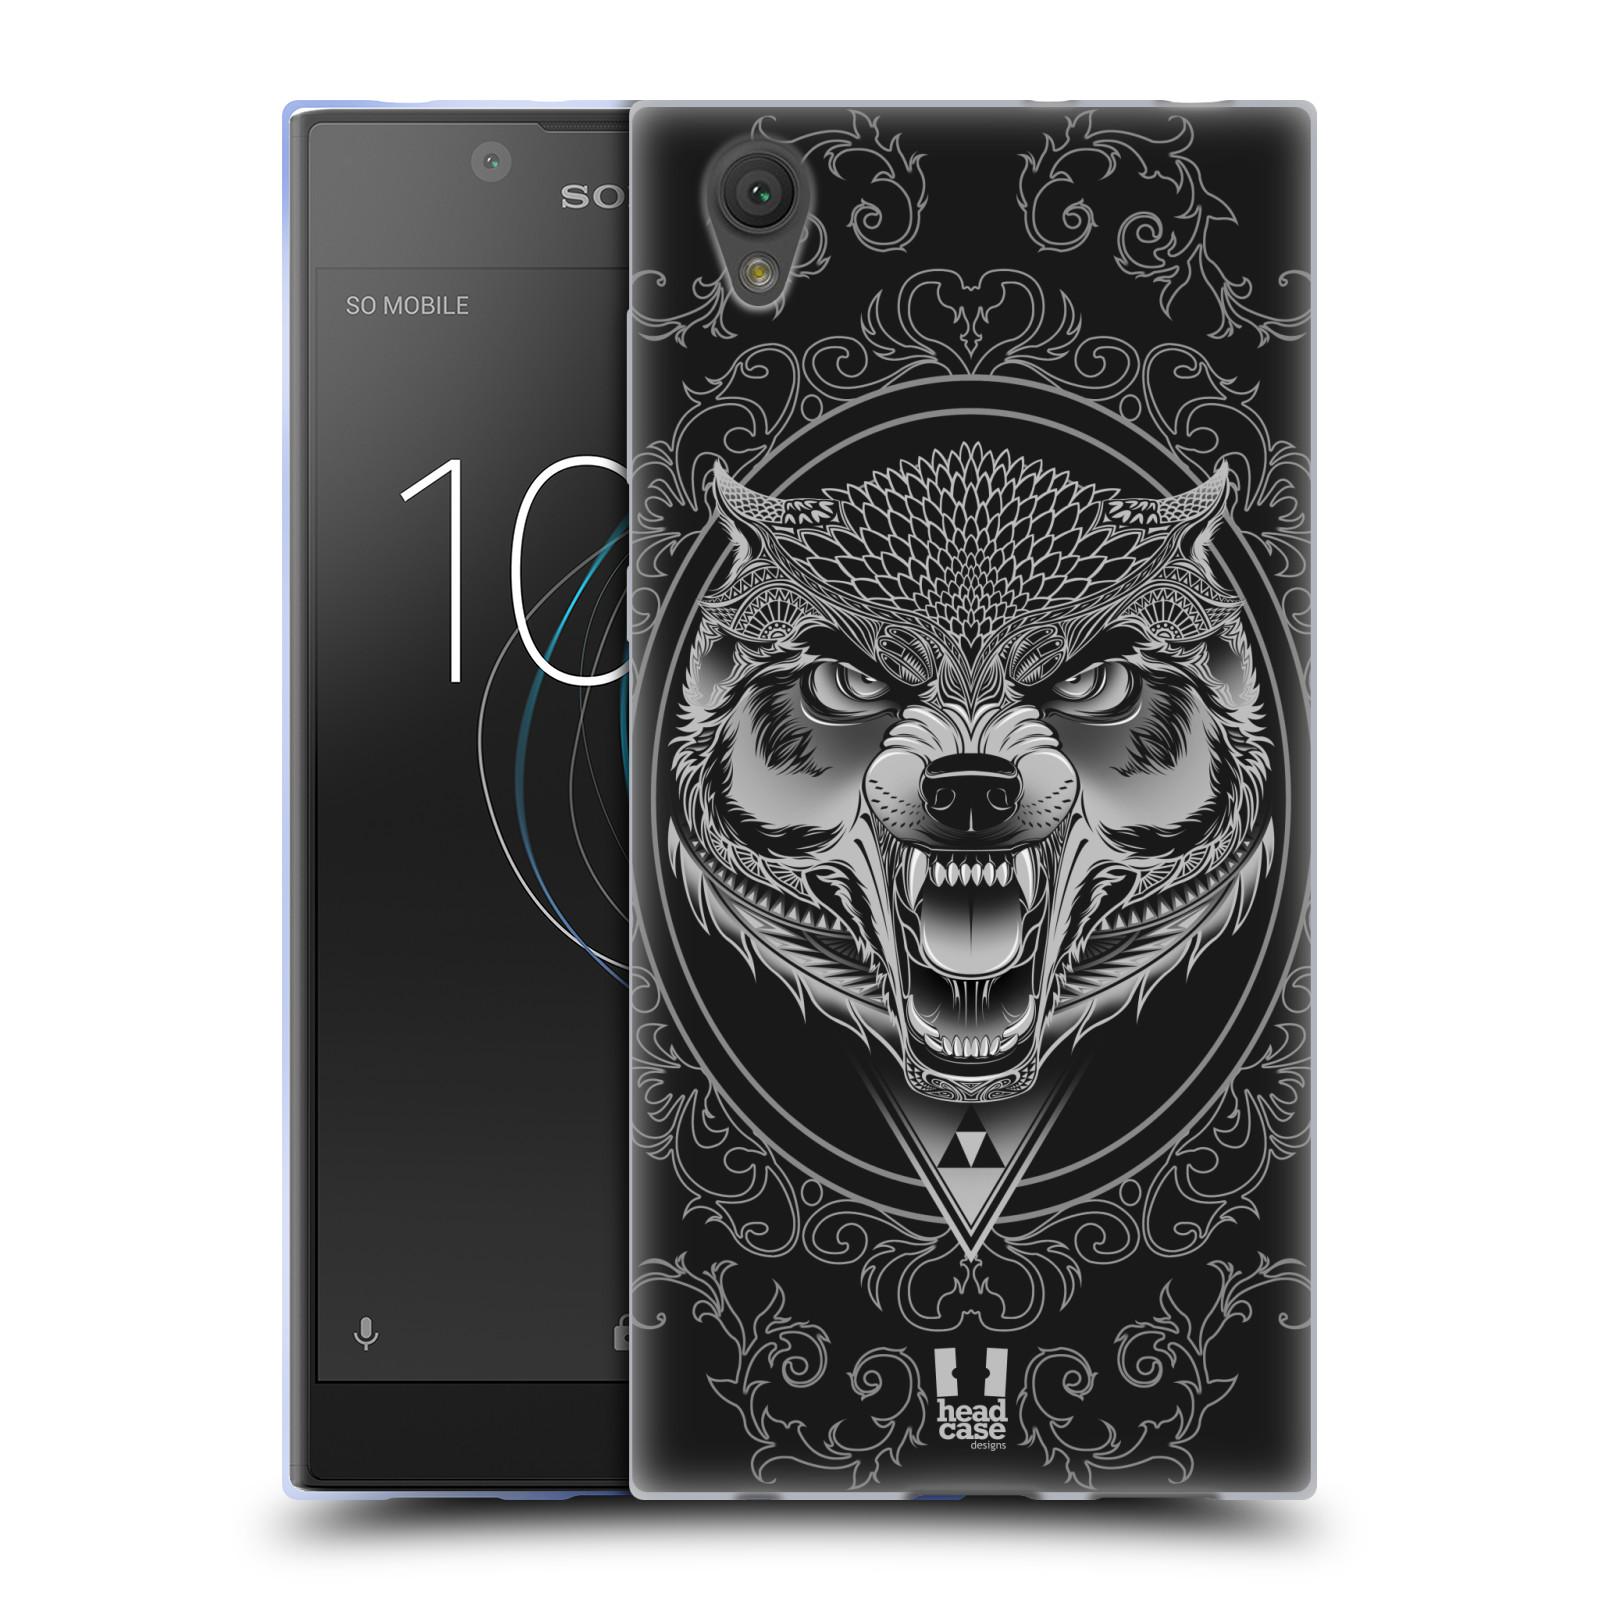 Silikonové pouzdro na mobil Sony Xperia L1 - Head Case - Krutý vlk (Silikonový kryt či obal na mobilní telefon Sony Xperia L1 G3311 s motivem Krutý vlk)